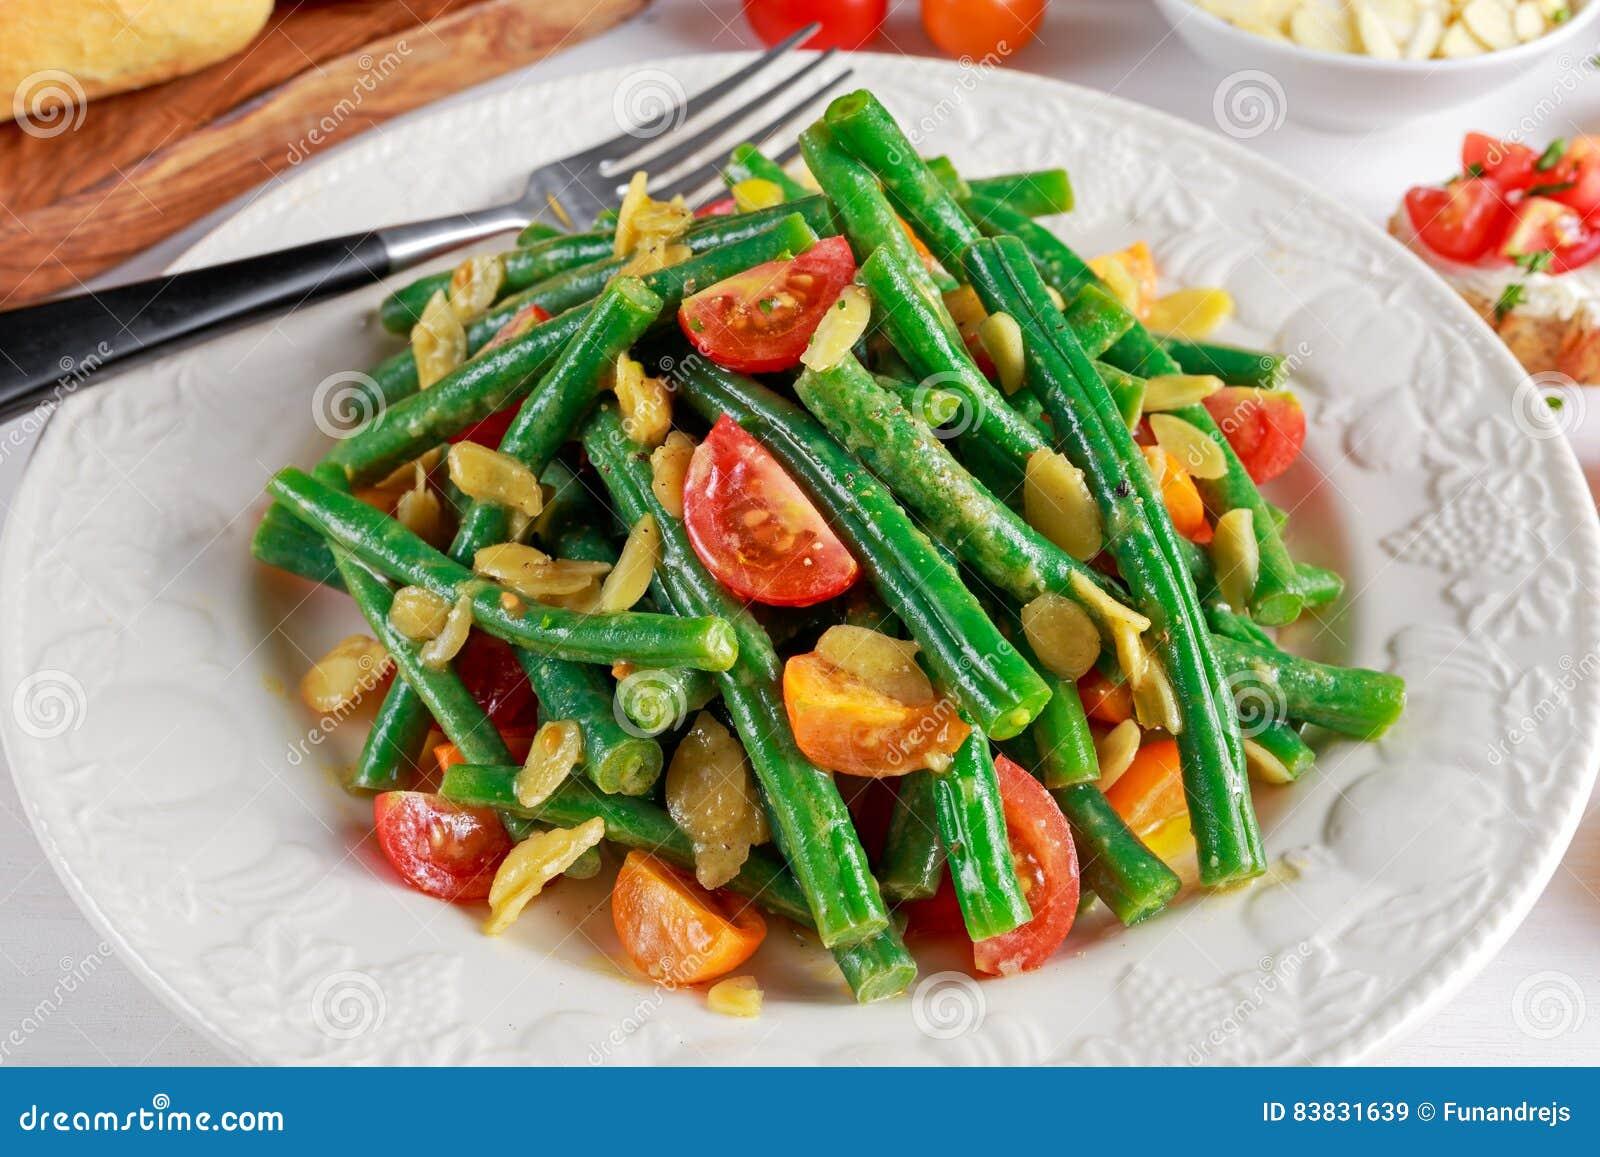 salade de haricots verts avec les tomates rouges et jaunes les bruschettes et l 39 amande en. Black Bedroom Furniture Sets. Home Design Ideas